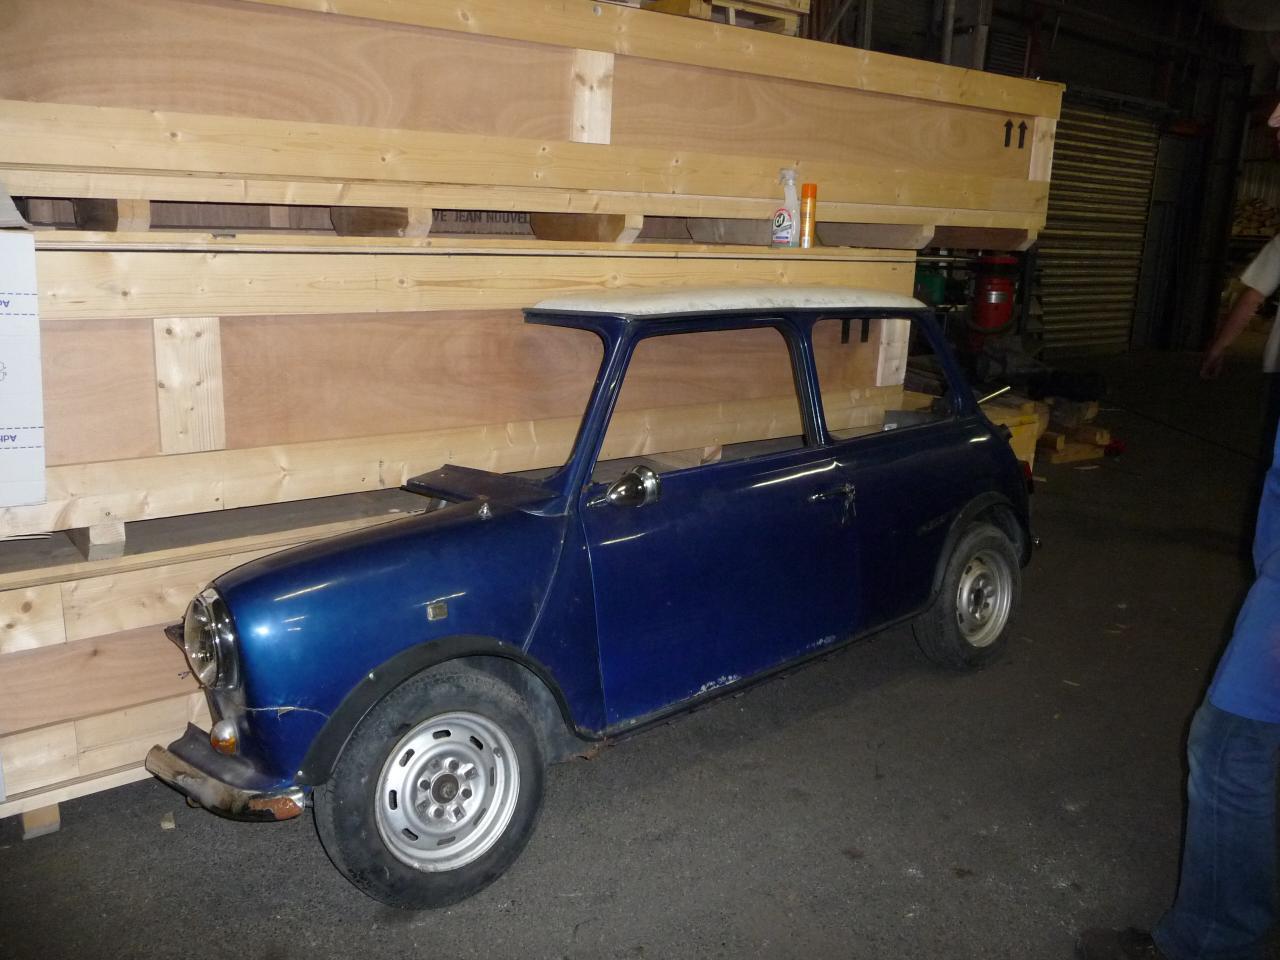 Extrêmement Décoration salon voiture - Exemples d'aménagements DF76